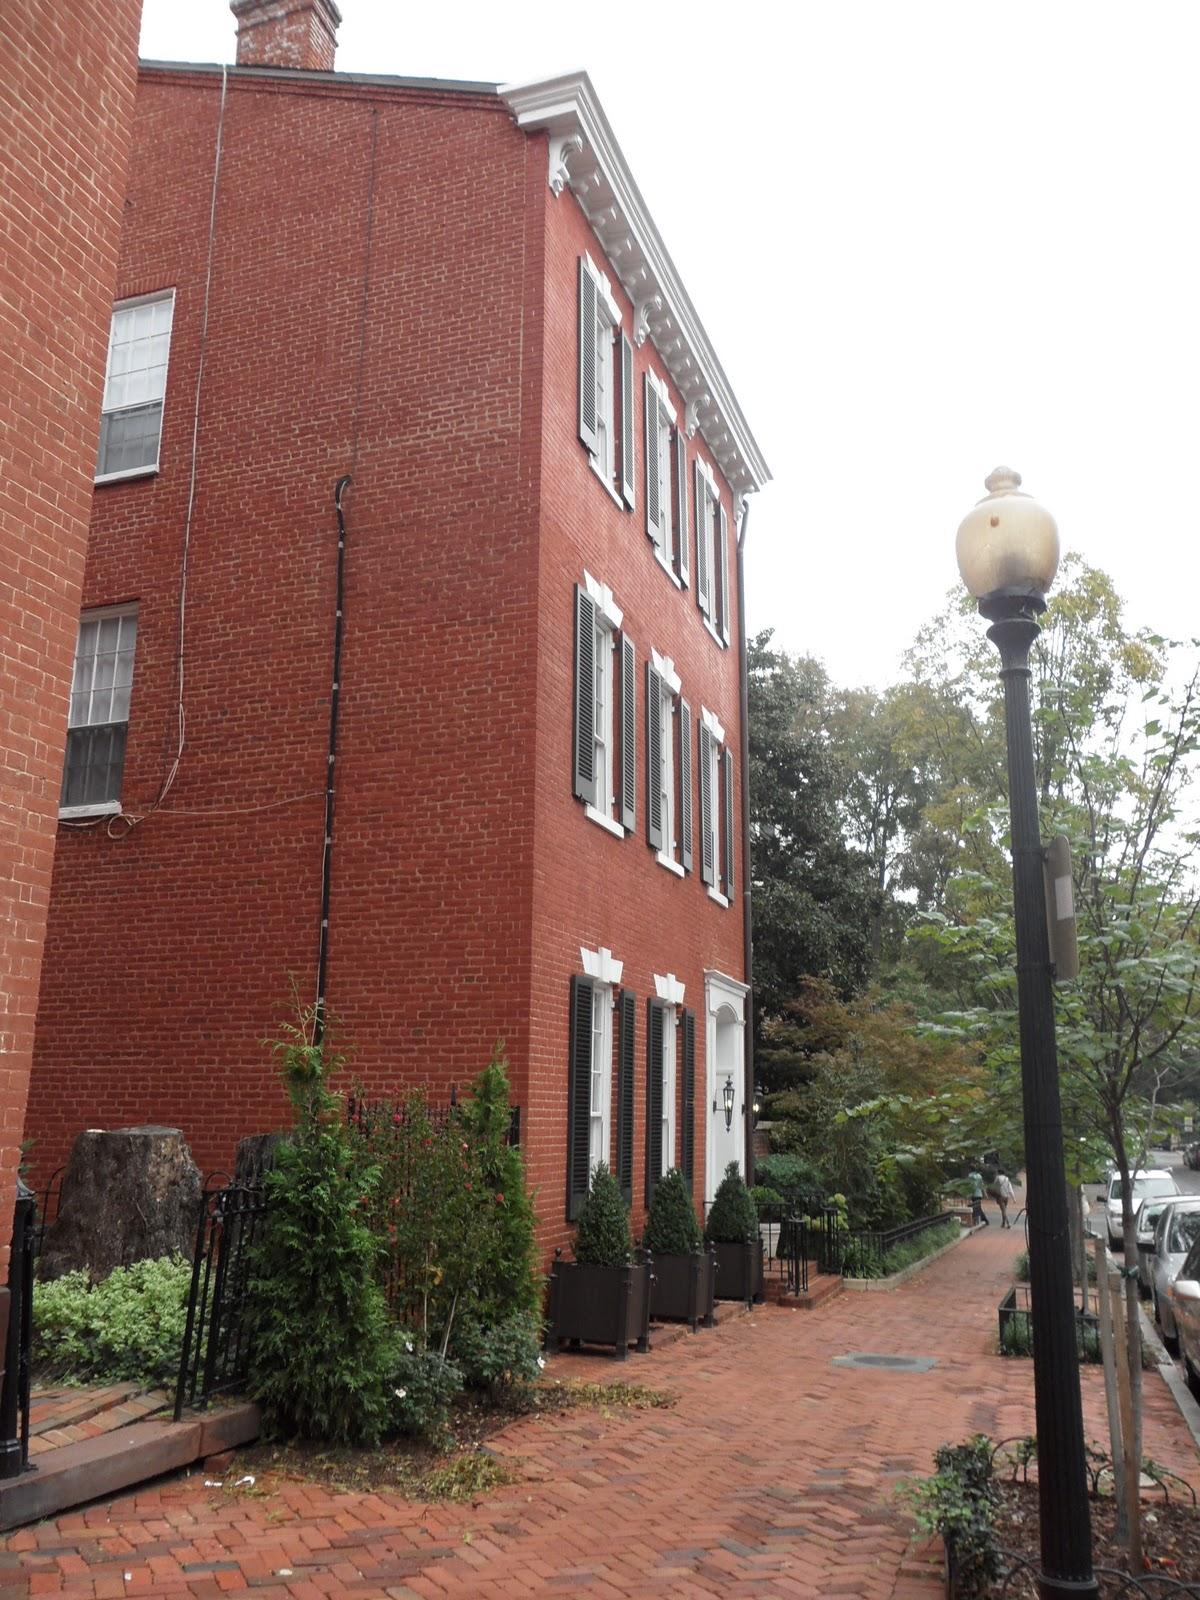 3307 N Street Georgetown Jfkplusfifty